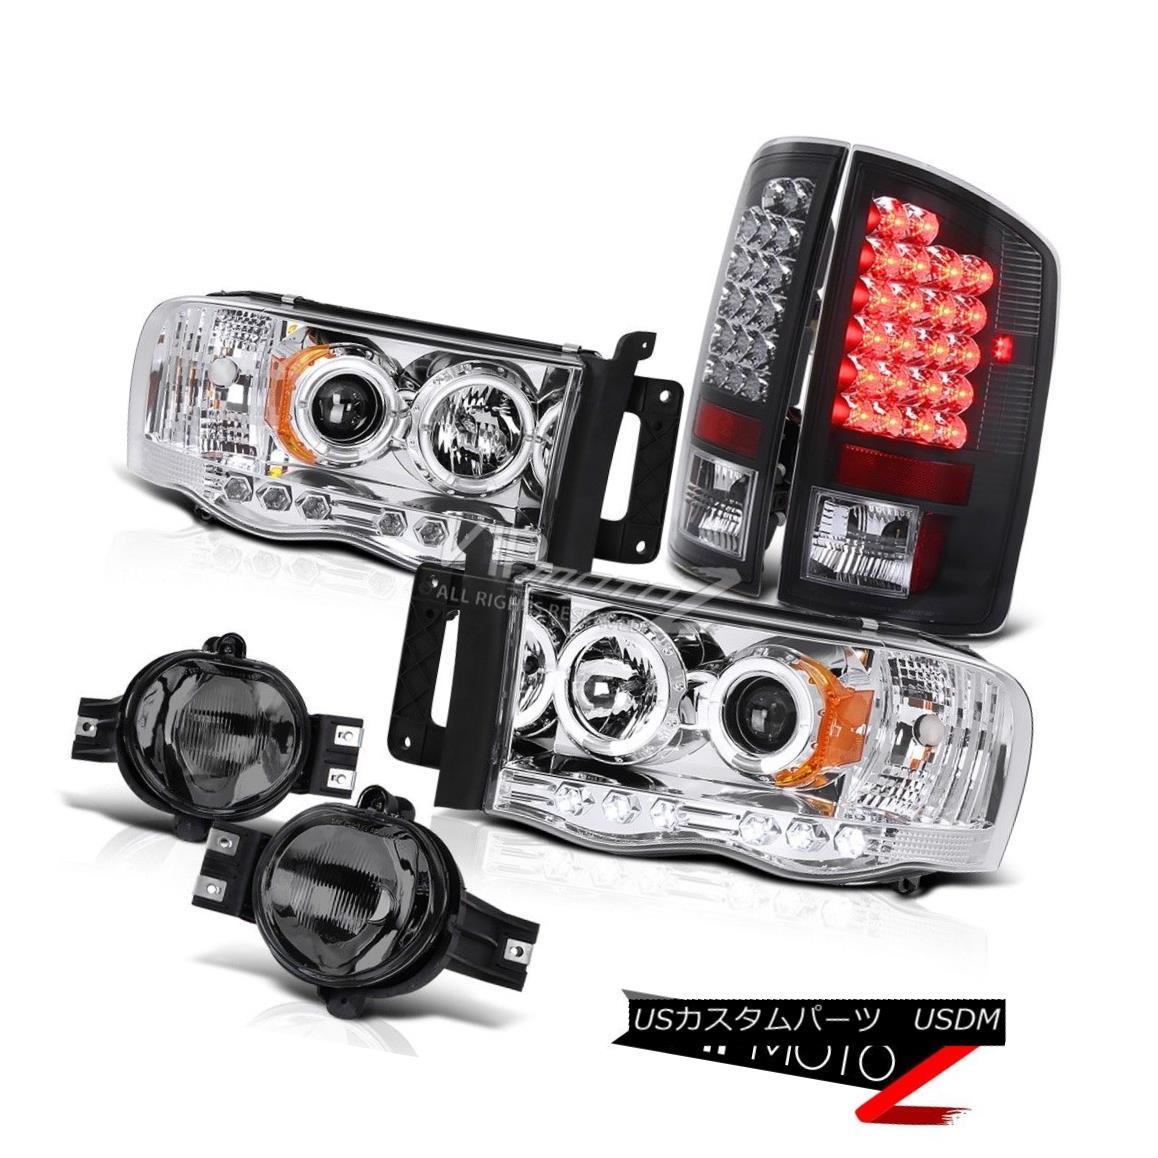 """ヘッドライト """"BEAST MODE"""" Dual Halo Headlamp+Black LED Tail Brake Lights+Tinted Fog Lamps Ram """"ビーストモード""""デュアルヘロンヘッドランプ+ブラックLEDテールブレーキライト+色付きフォグランプランプ"""